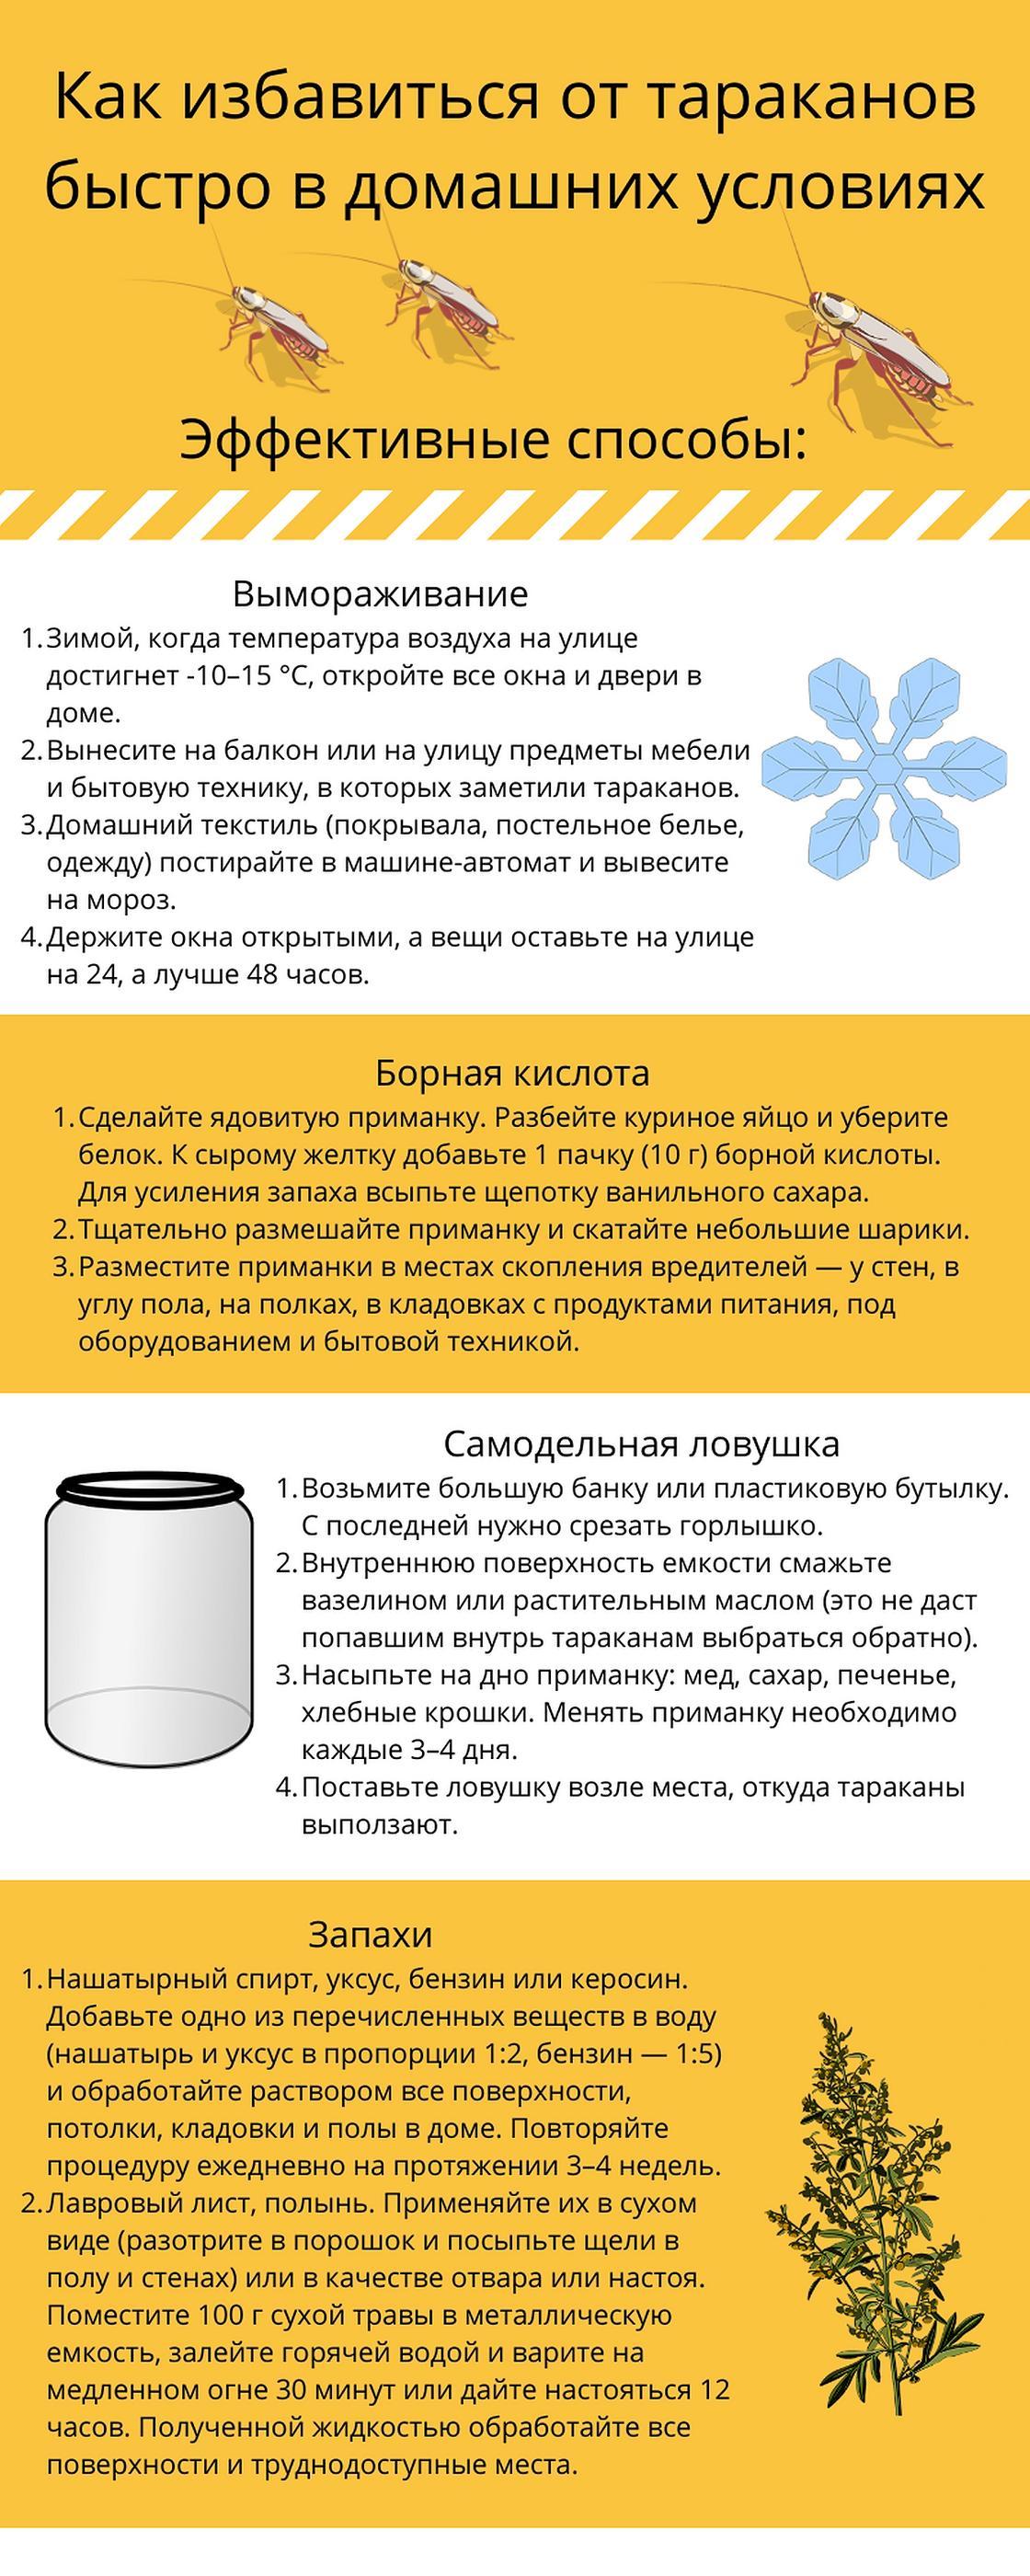 Инфографика: как избавиться от тараканов